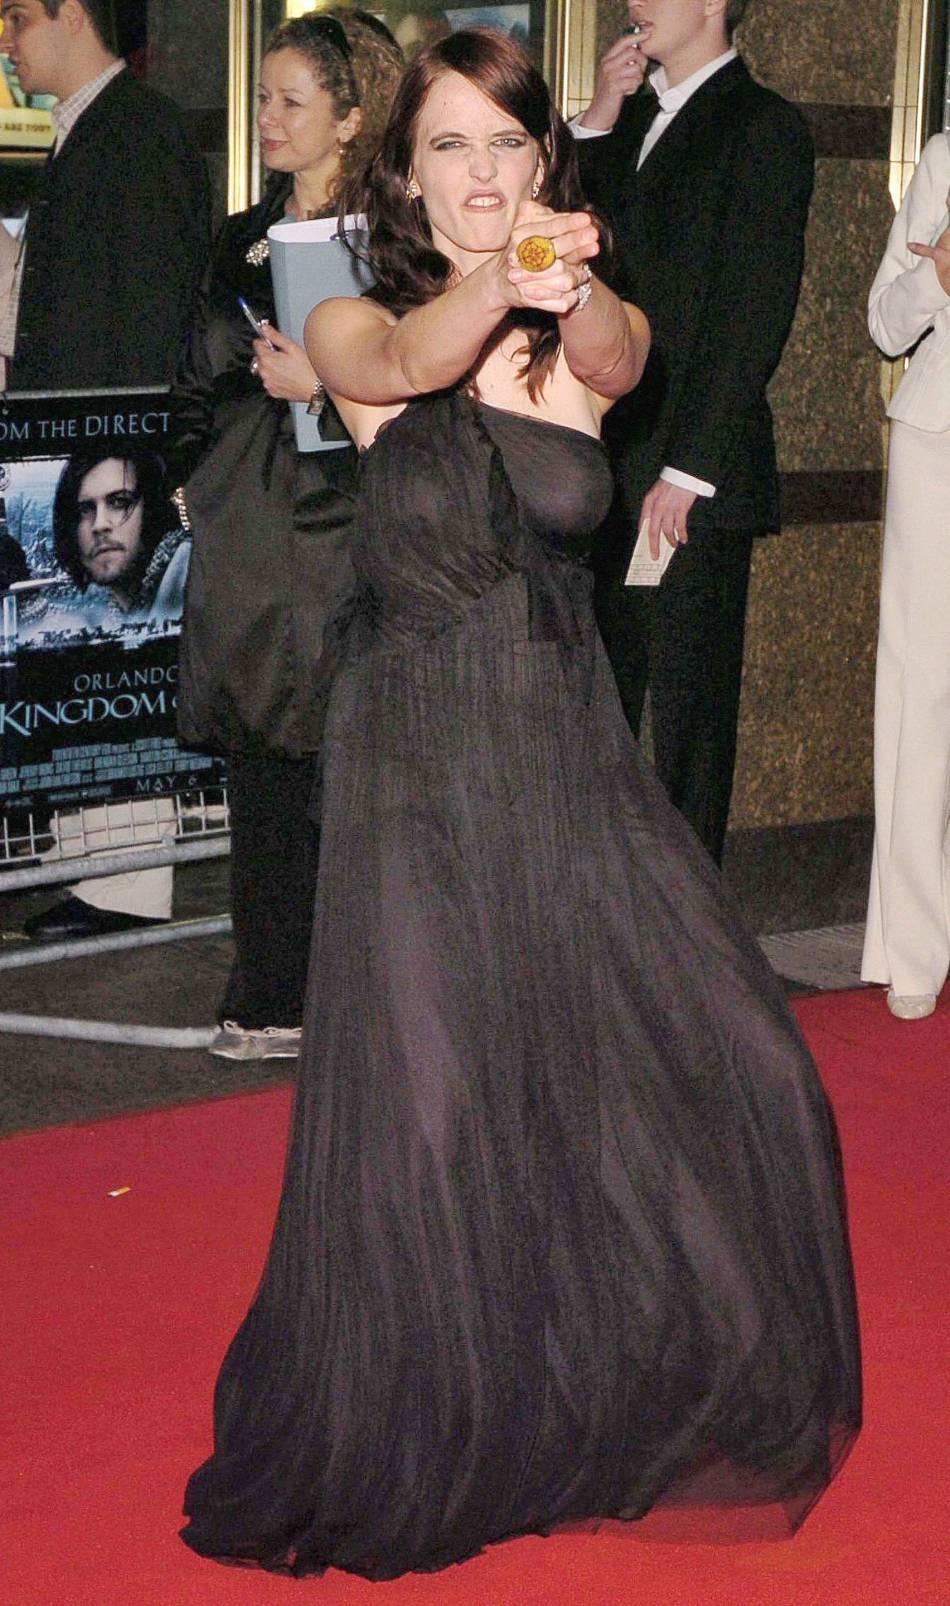 """Eva Green a eu bien du mal à trouver quelle attitude adopter sur les red carpets. Pour l'avant-première de """"Kingdom of heaven"""" en 2005 elle fait le pitre. Pas franchement en accord avec la robe."""